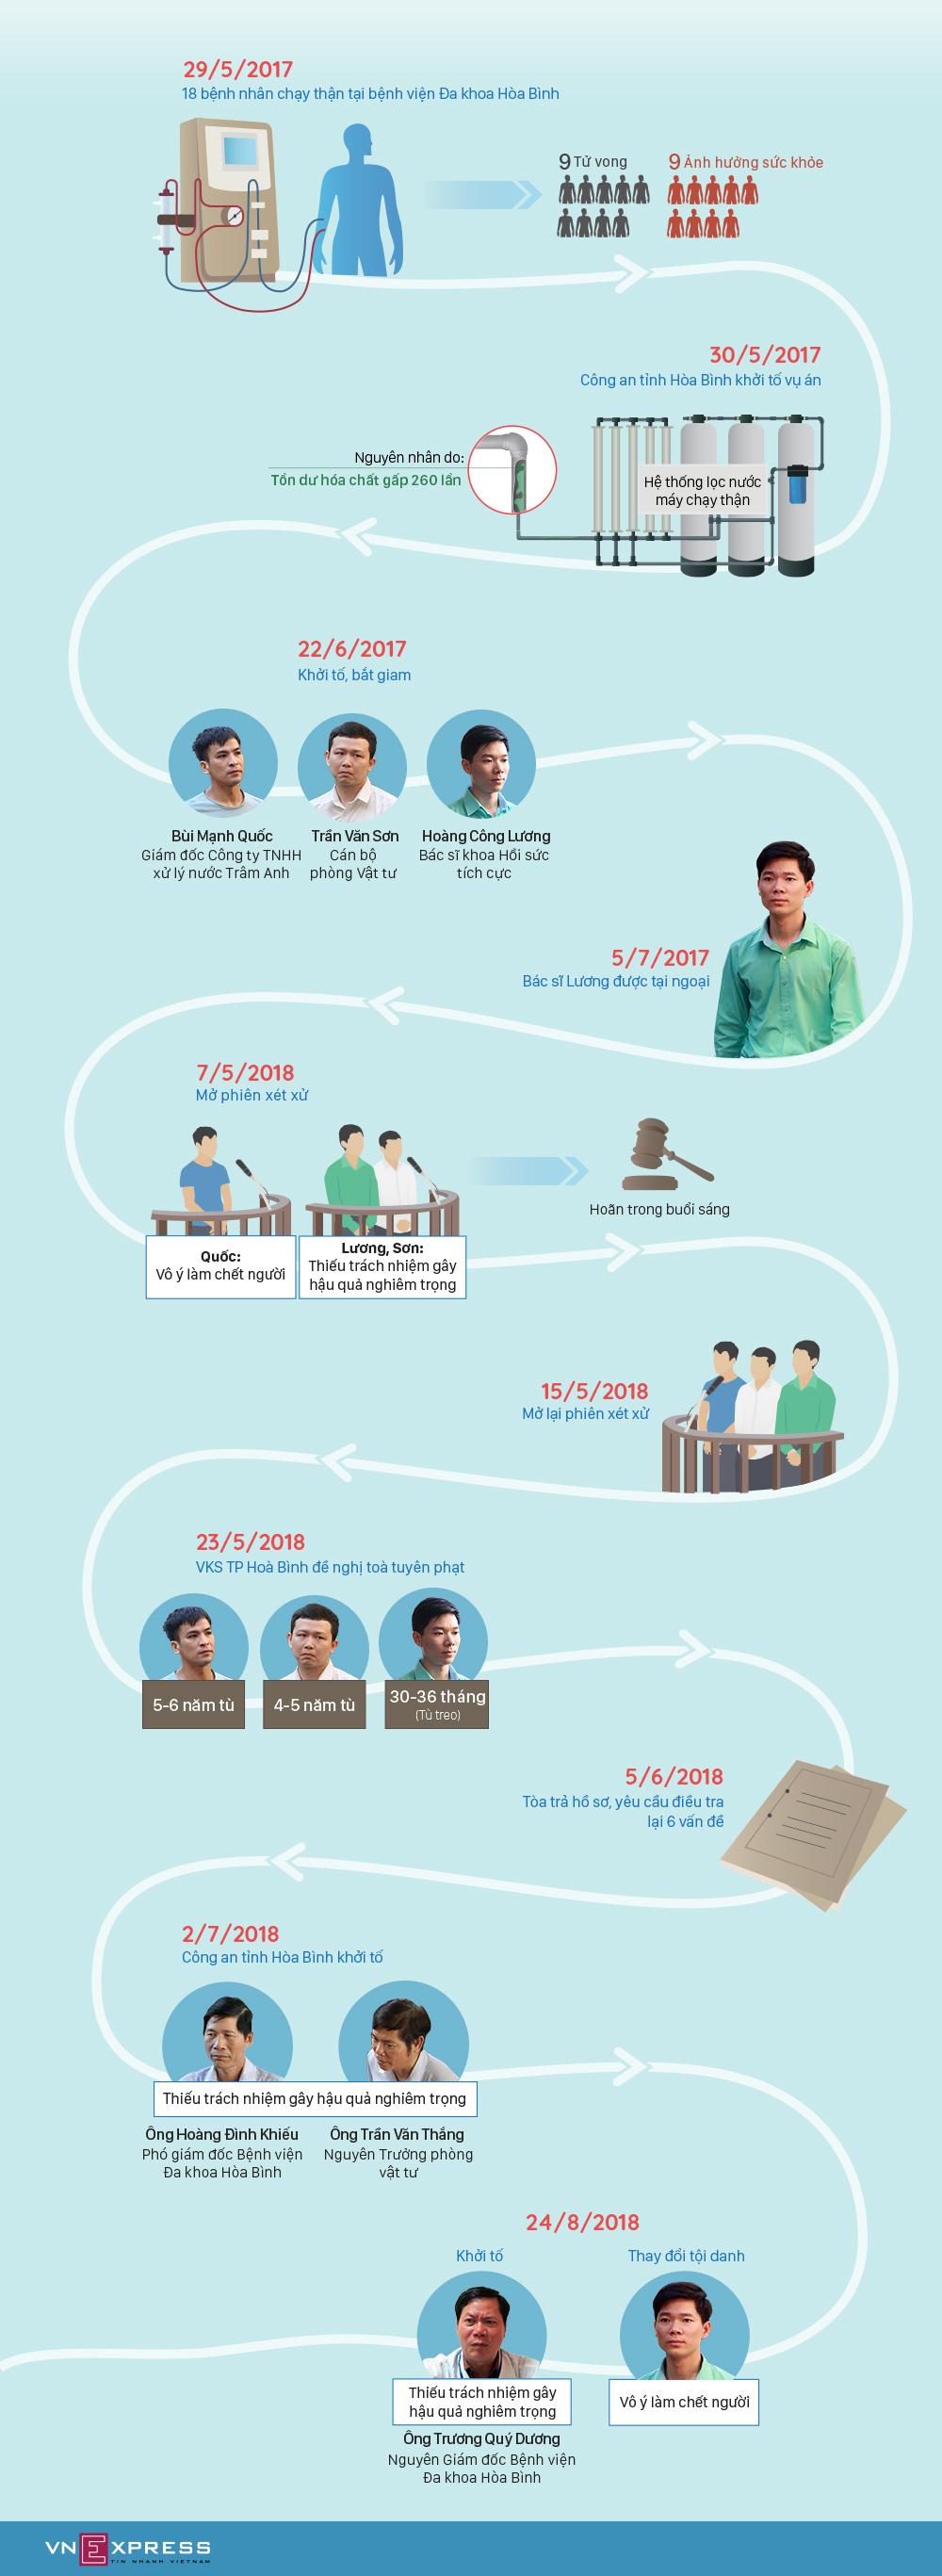 15 tháng điều tra vụ án bác sĩ Hoàng Công Lương